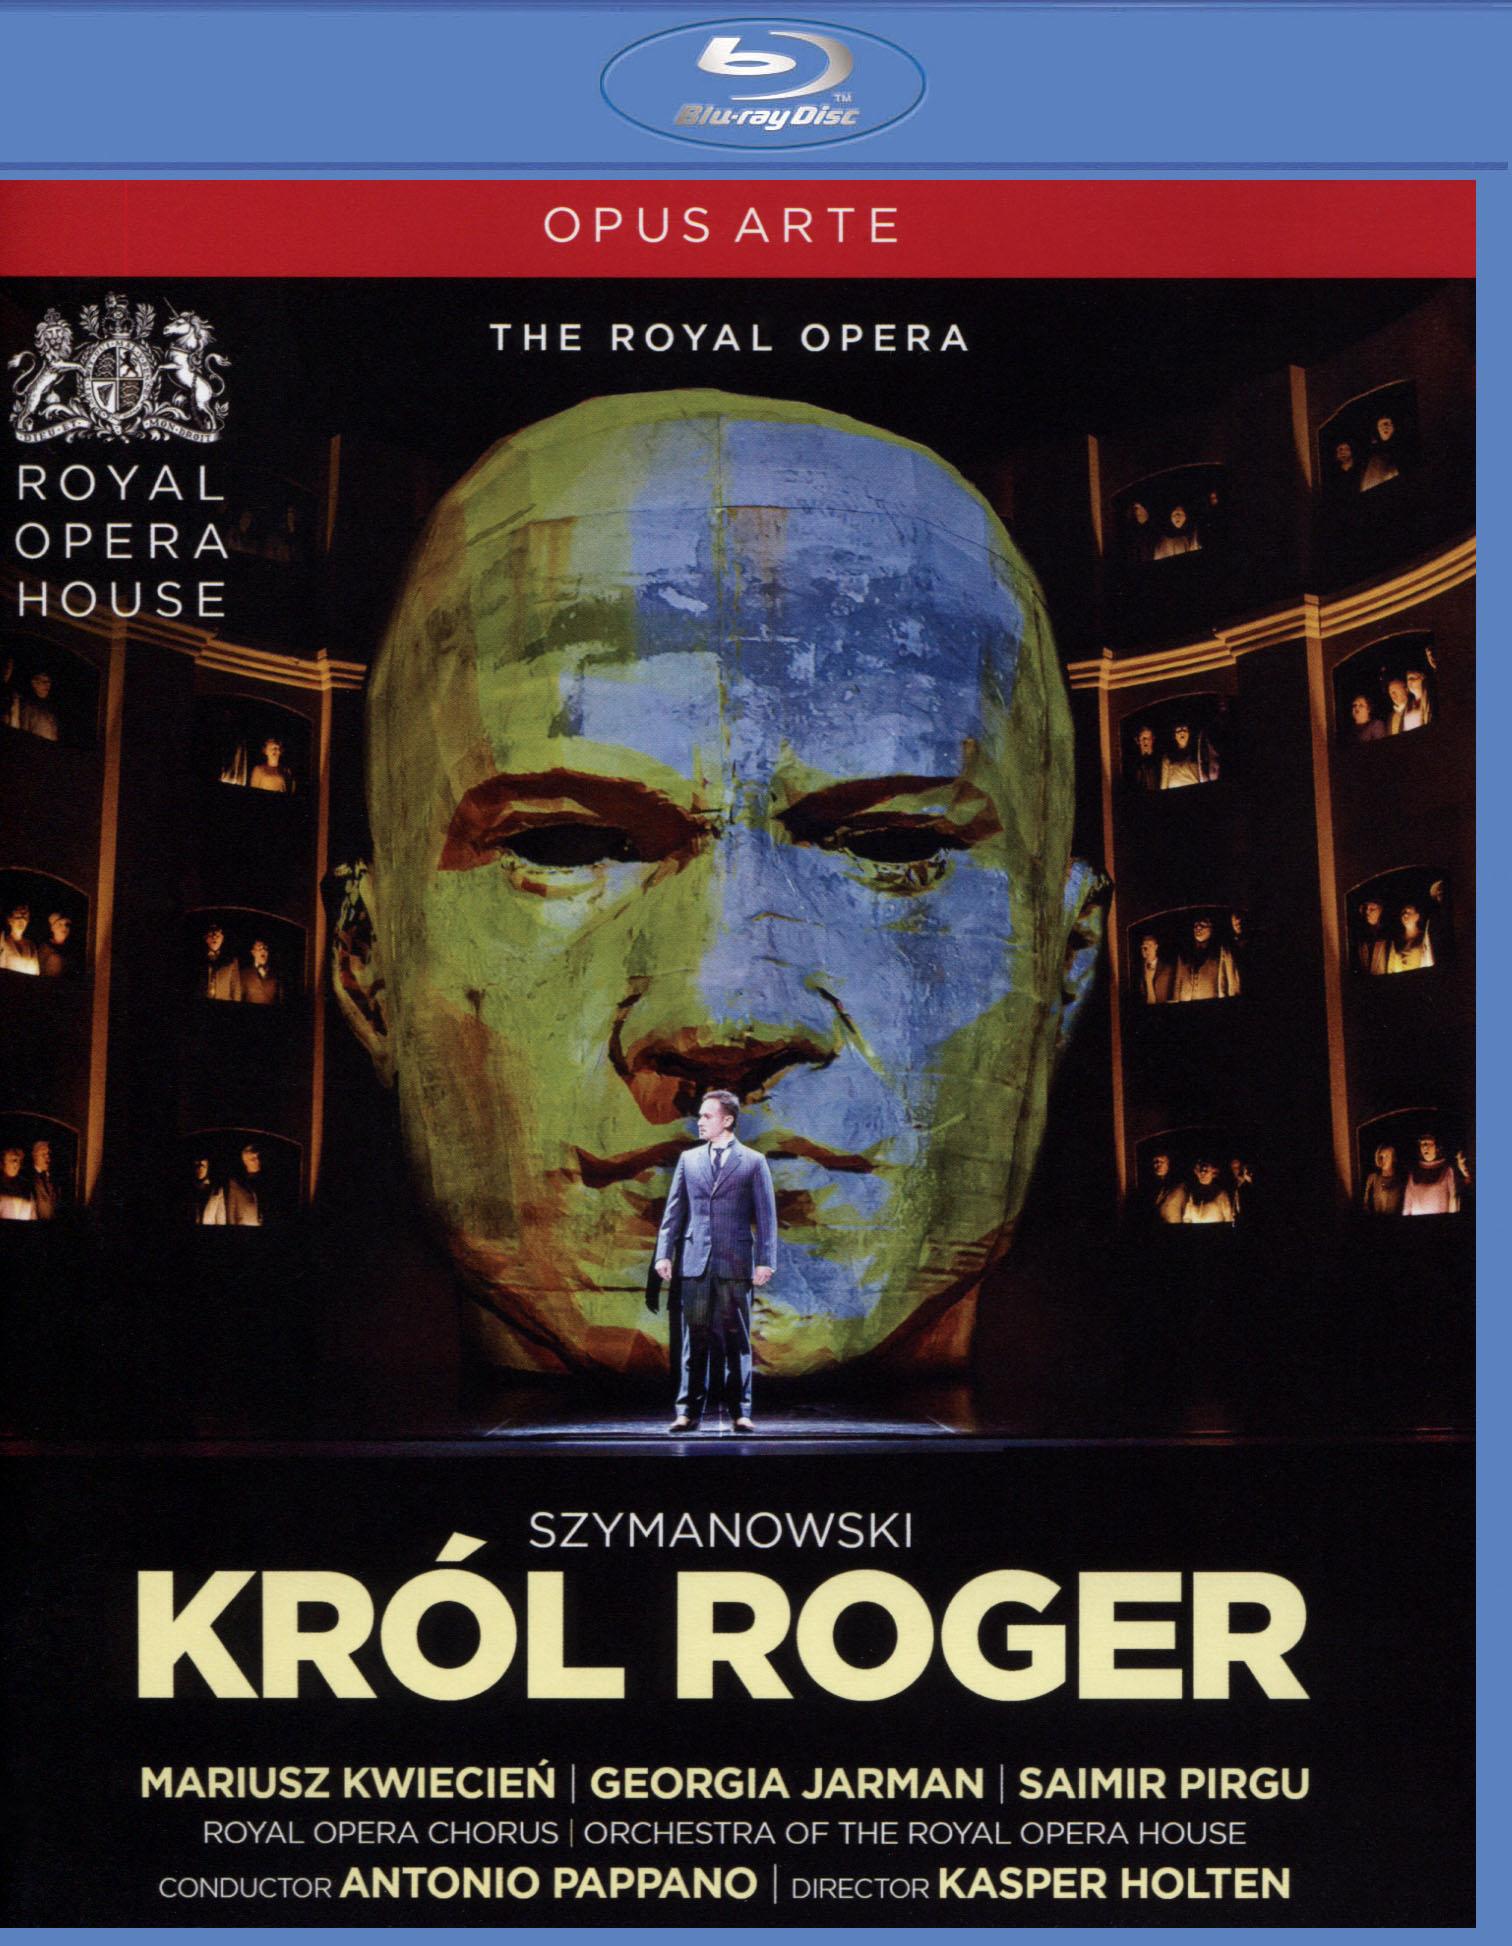 Król Roger (Royal Opera House)